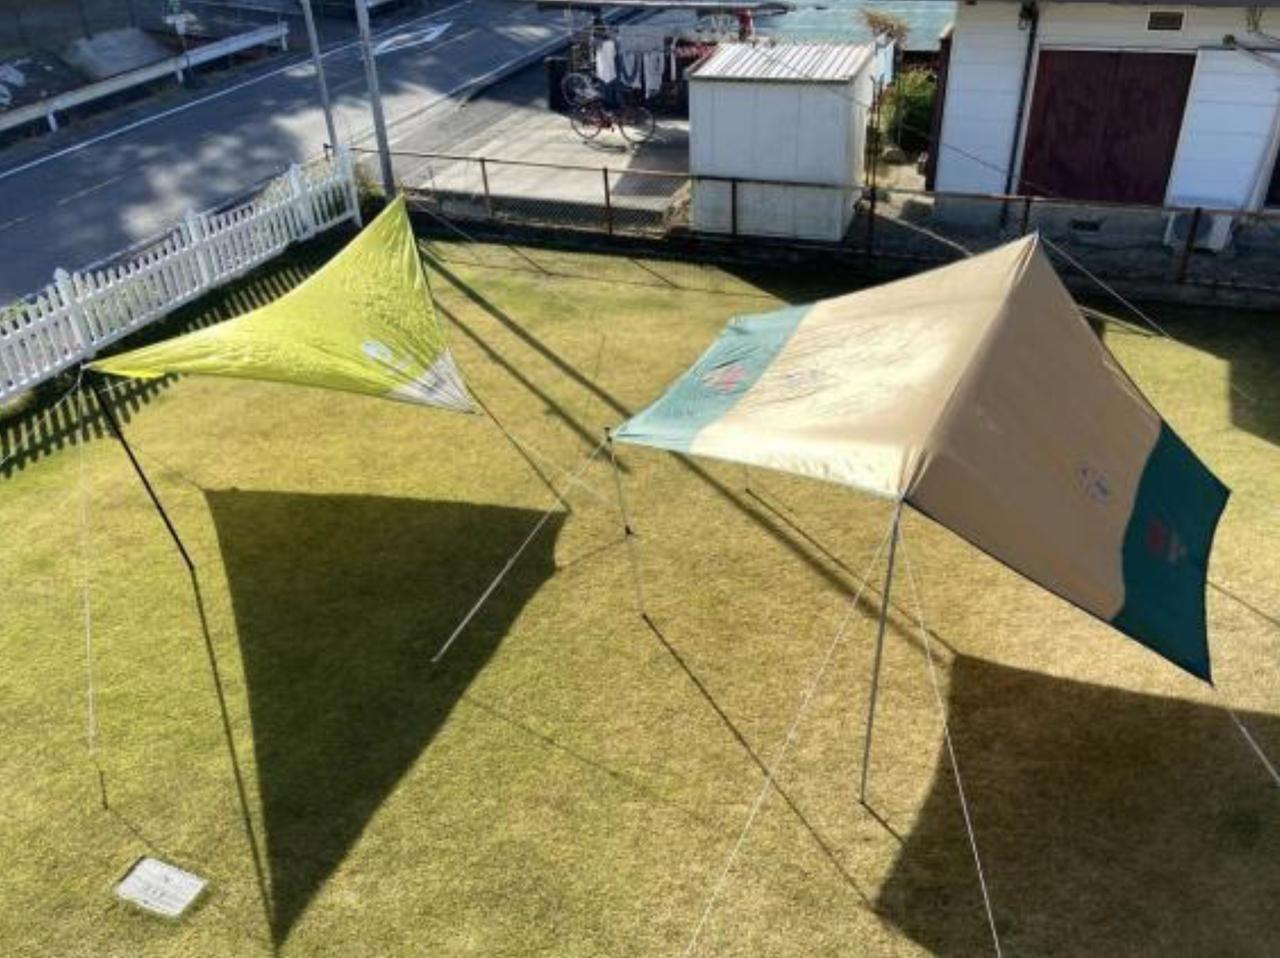 画像: 【キャンプの基本シリーズ3】キャンプ歴40年のライターが教える『タープの張り方』 - ハピキャン(HAPPY CAMPER)